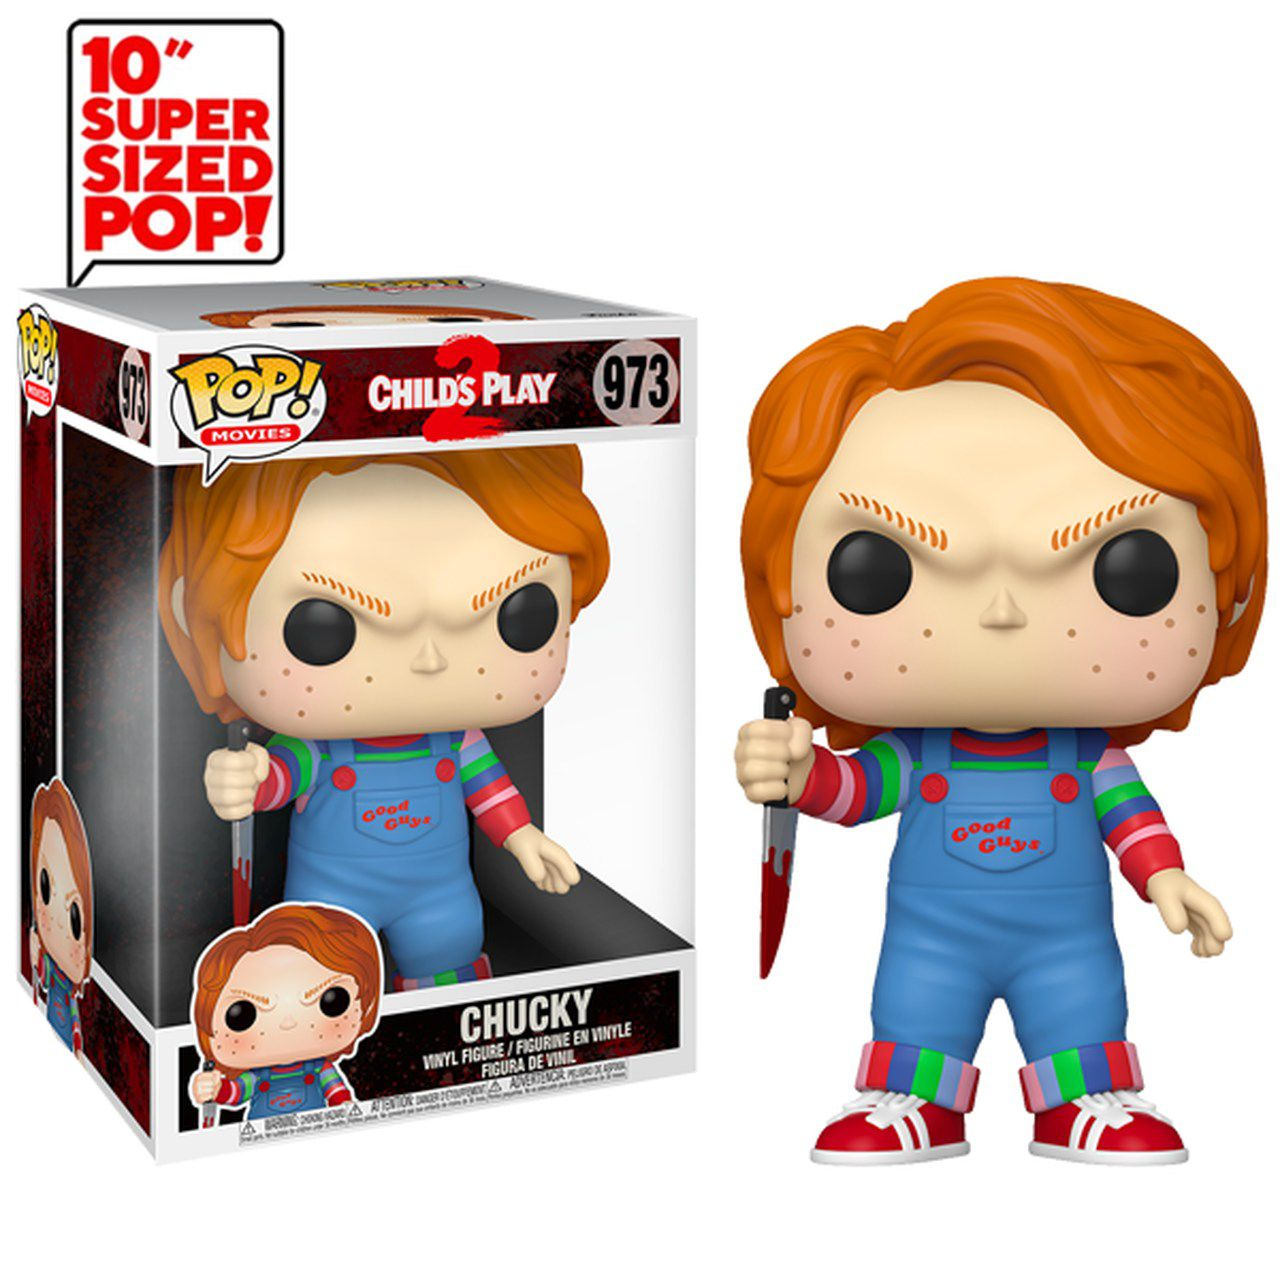 Funko Pop! Chucky: Brinquedo Assassino 2 (Child's Play 2) #973 10